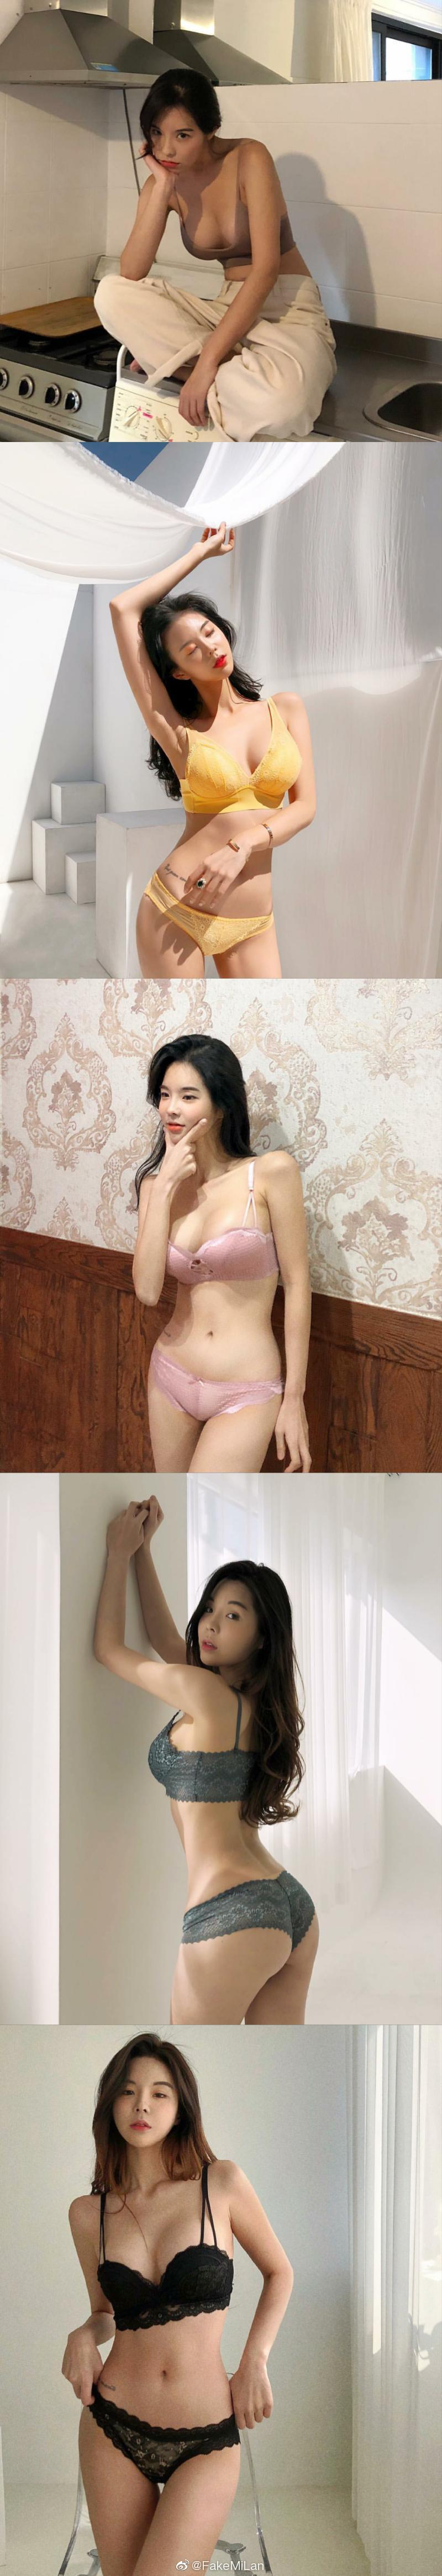 韩国网红店主강혜지  老板娘亲身上阵 各种情趣内衣眼花缭乱 发现美